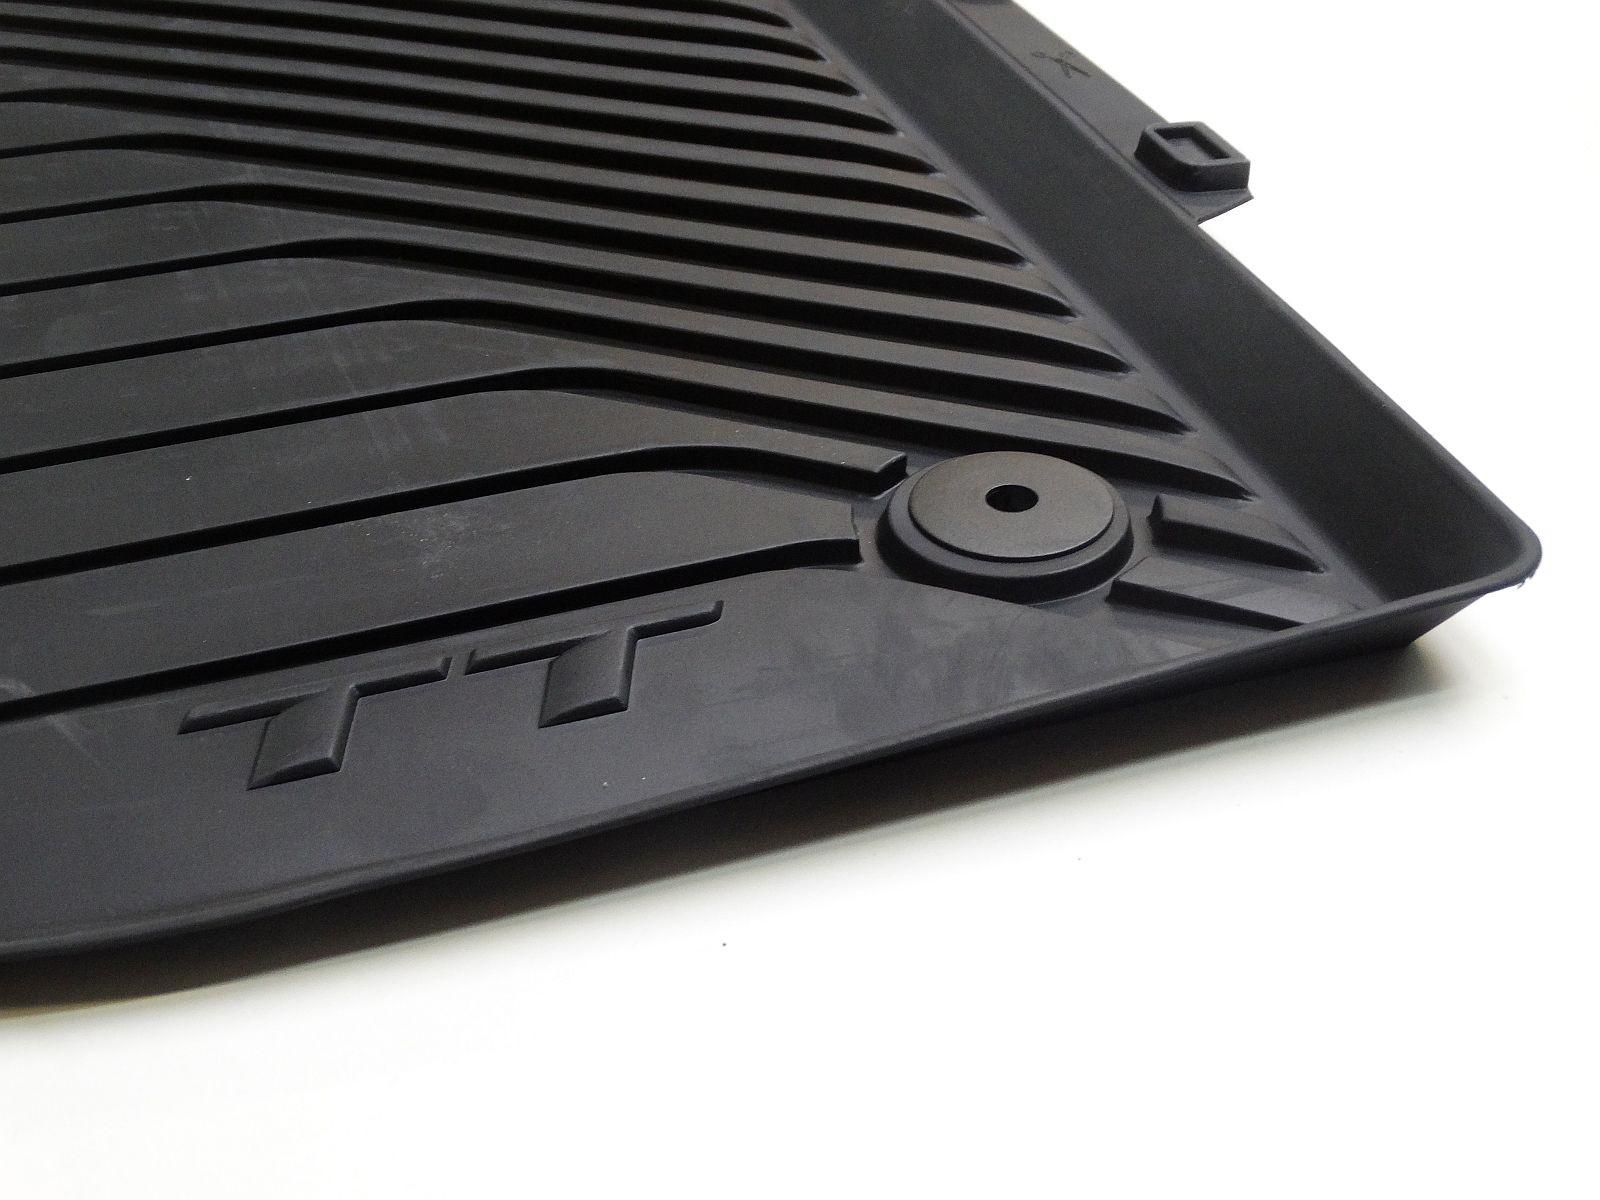 Original Audi Gummi Fußmatten Set vorn schwarz Audi TT 8S 8S1061501  041 FV